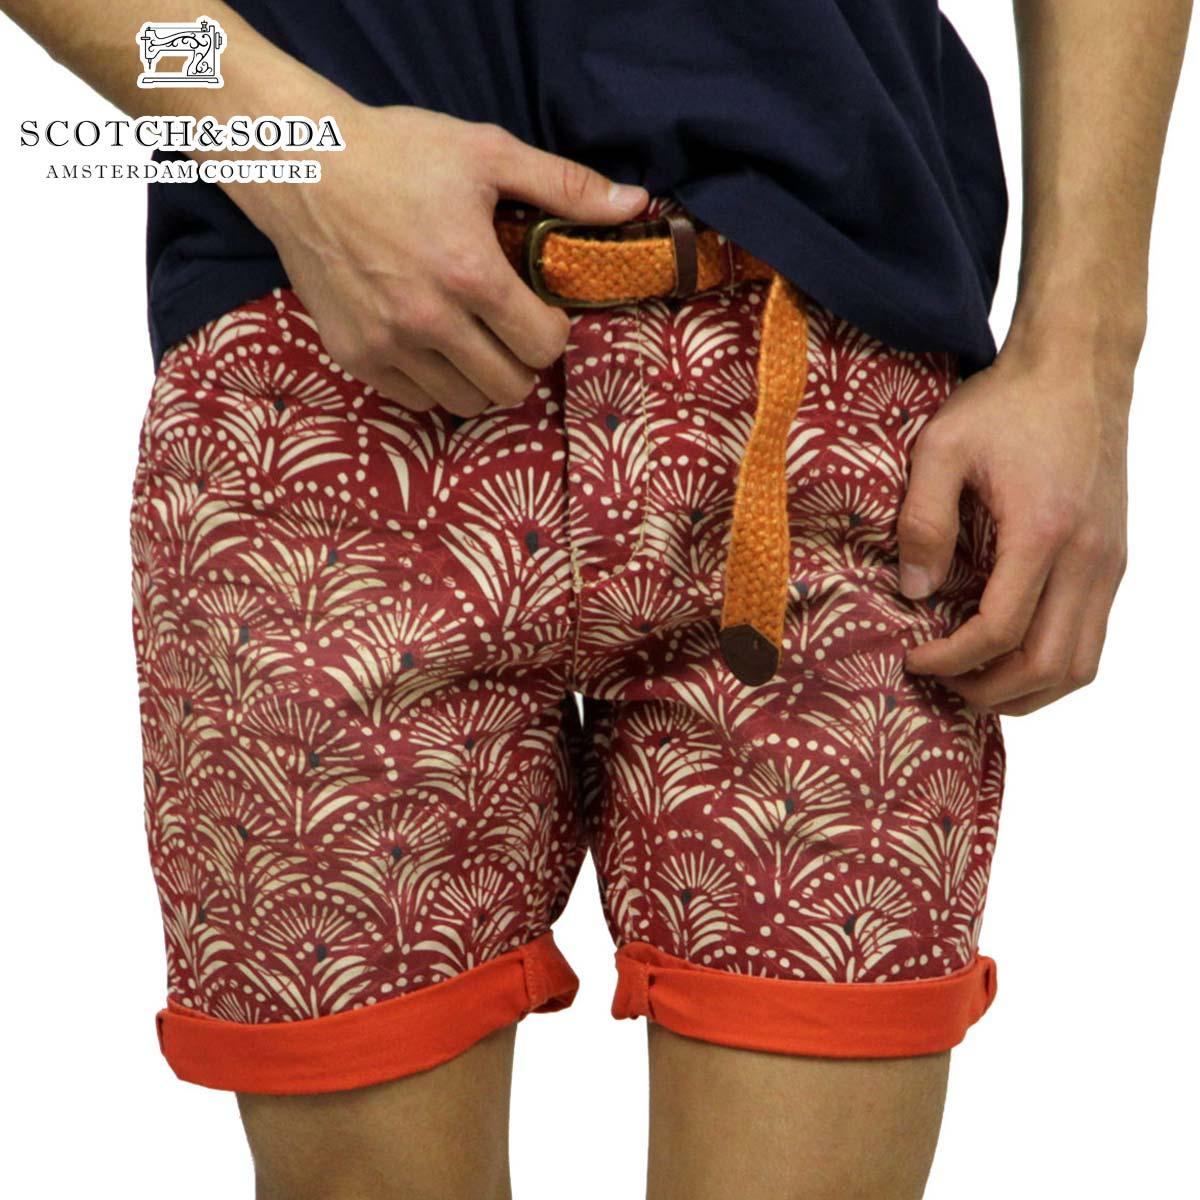 【販売期間 4/2 10:00~4/8 09:59】 スコッチアンドソーダ SCOTCH&SODA 正規販売店 メンズ ショートパンツ Chino short slim fit with fixed roll-up 81106 B D15S25